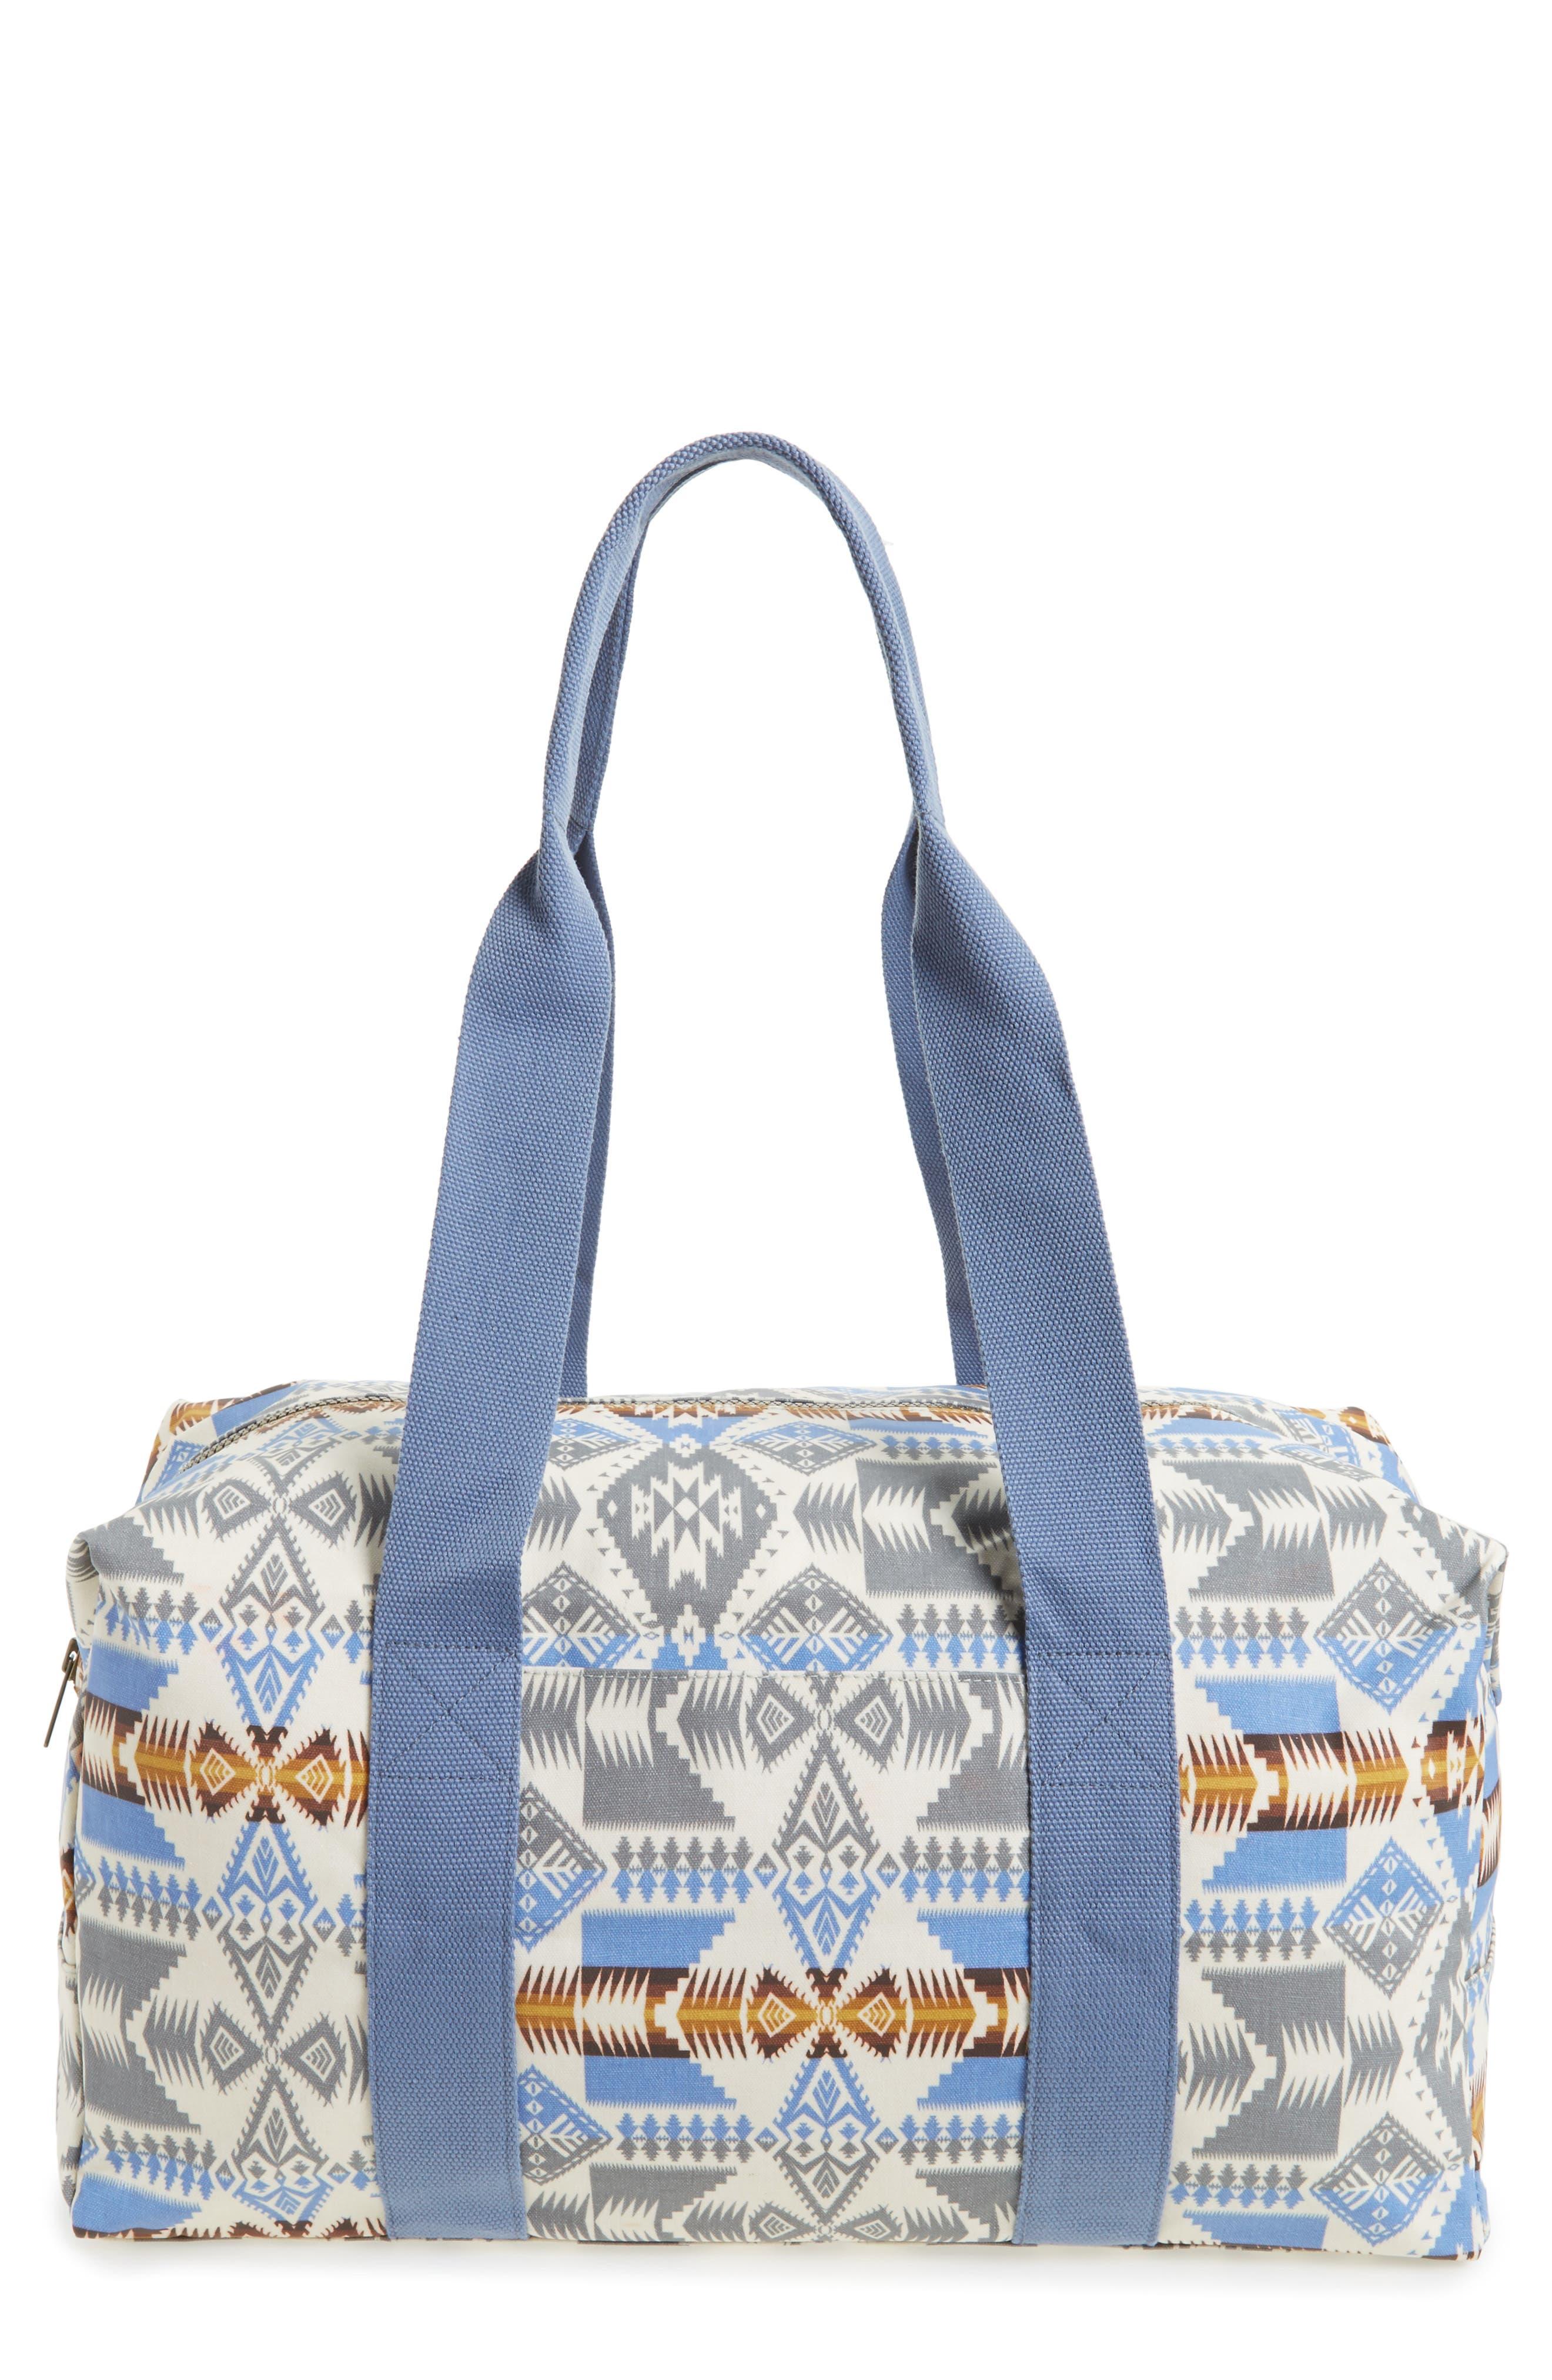 Canopy Duffel Bag,                             Main thumbnail 1, color,                             Silver Bark